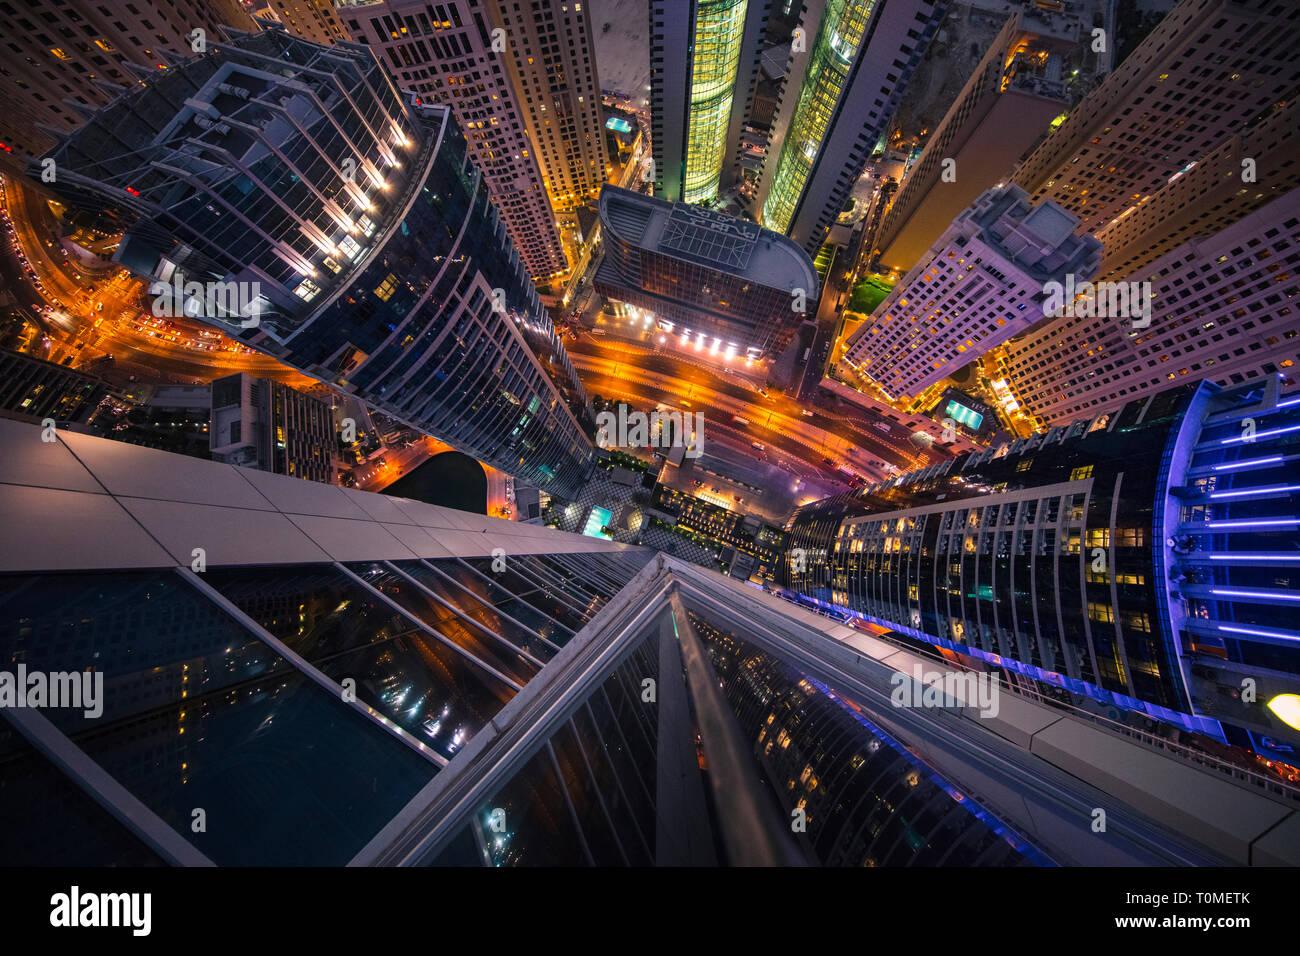 Ein perspektivischer Blick auf Dubai Marina, Dubai, VAE Stockfoto